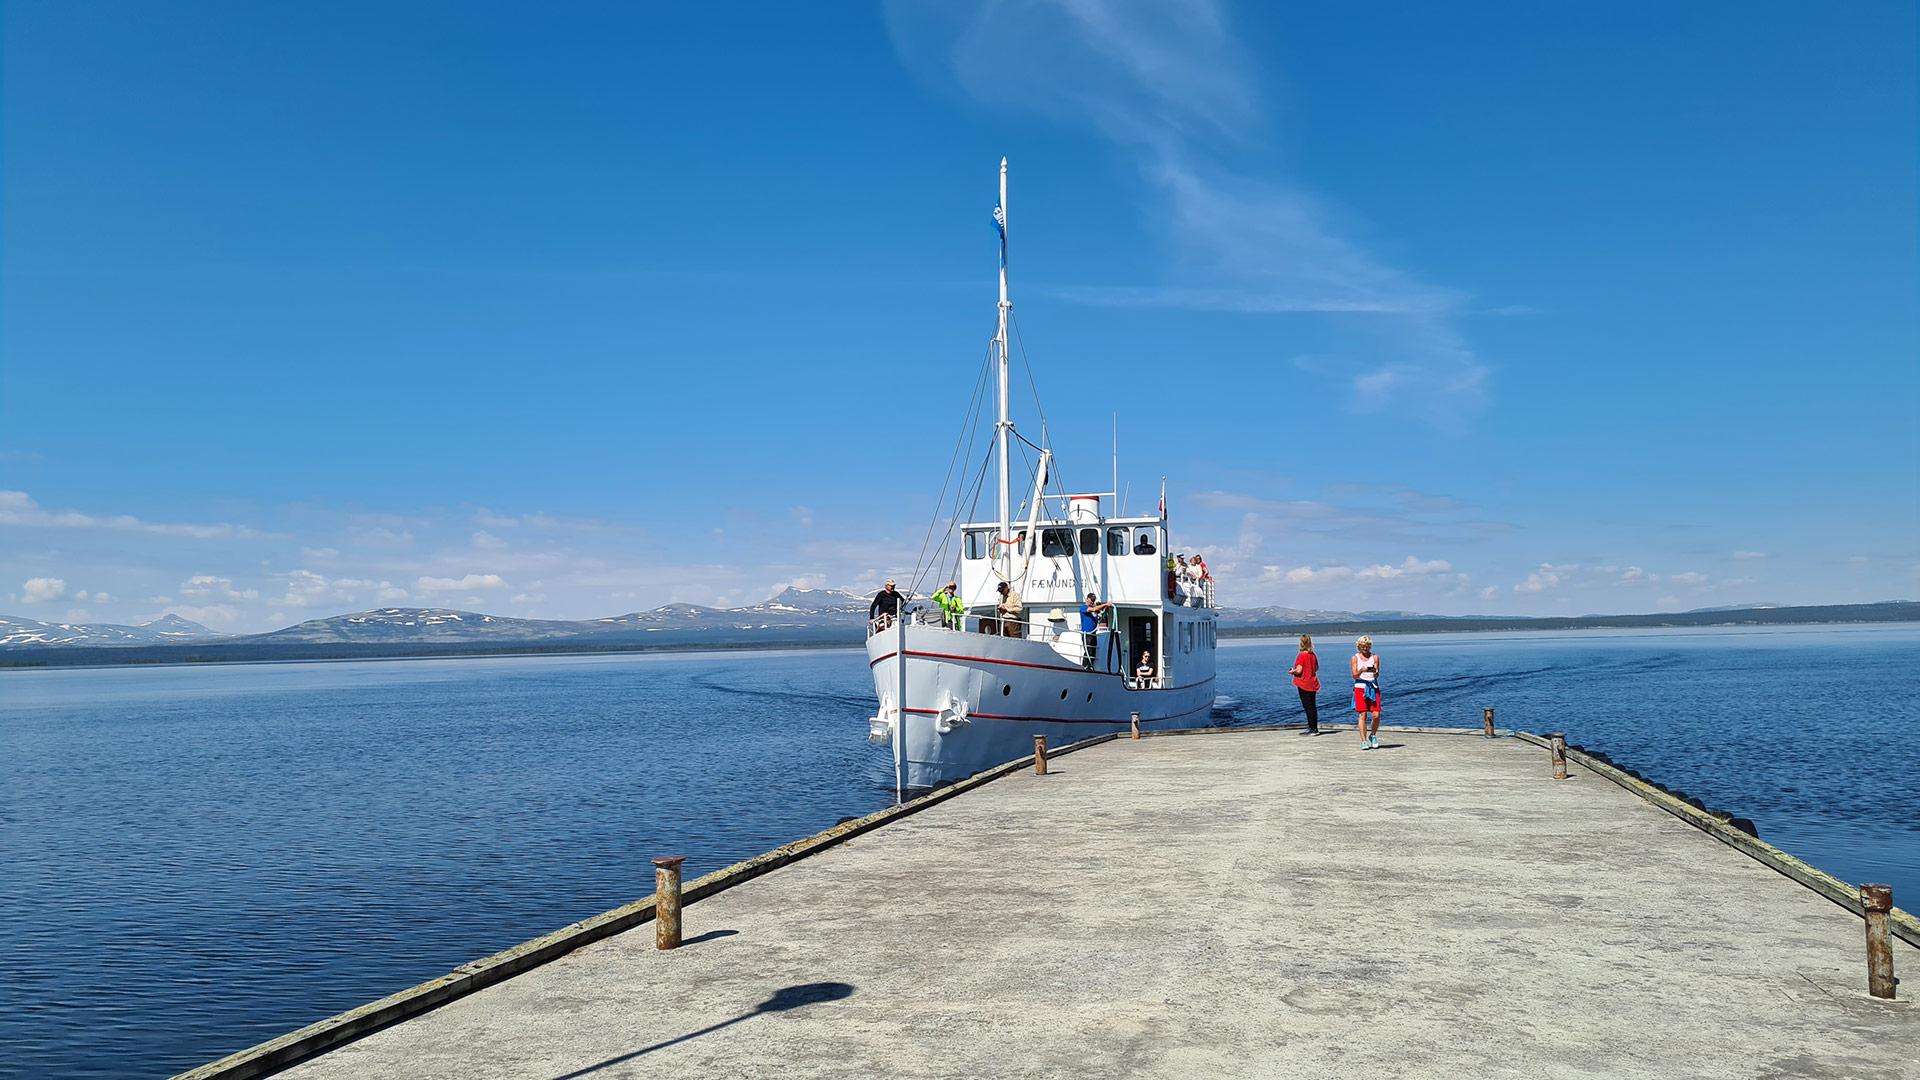 The boat Fæmund II.